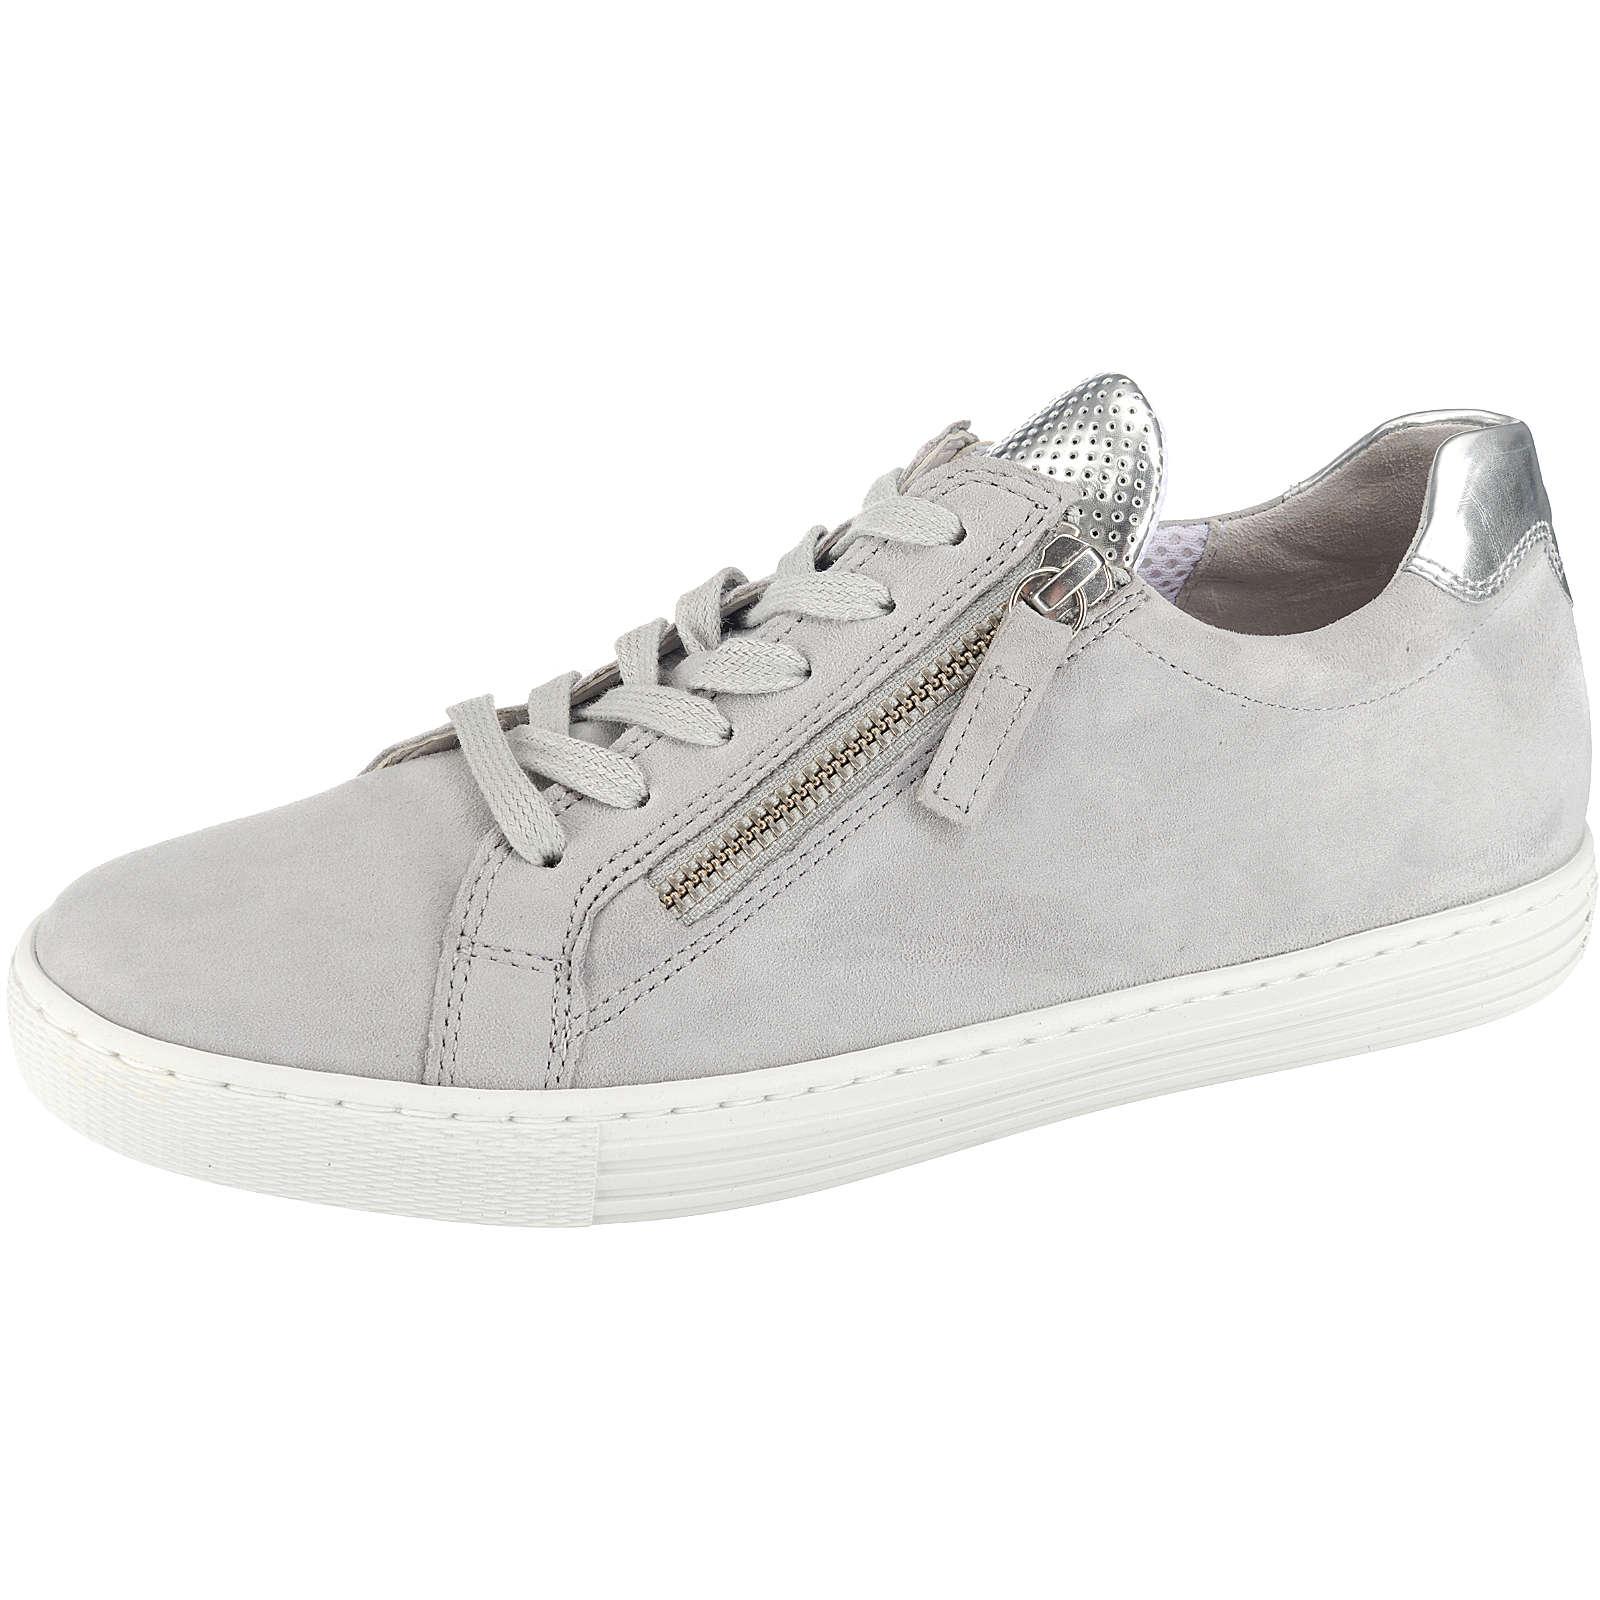 Gabor Sneakers Low grau Damen Gr. 38